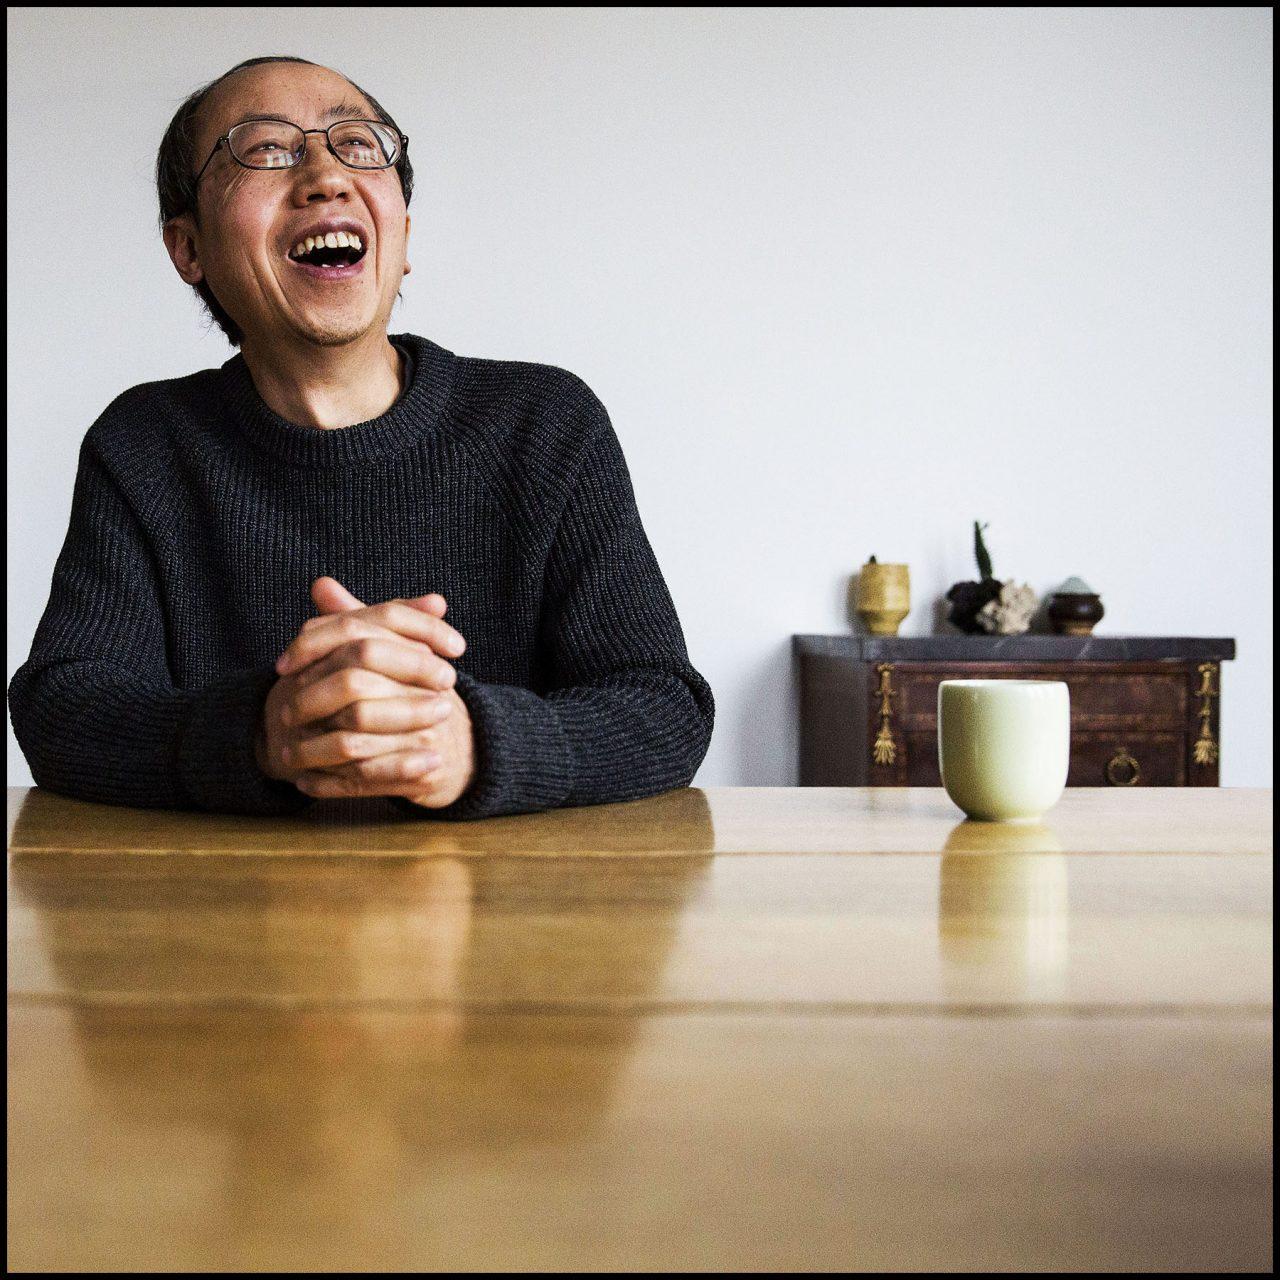 Huang Yong Ping